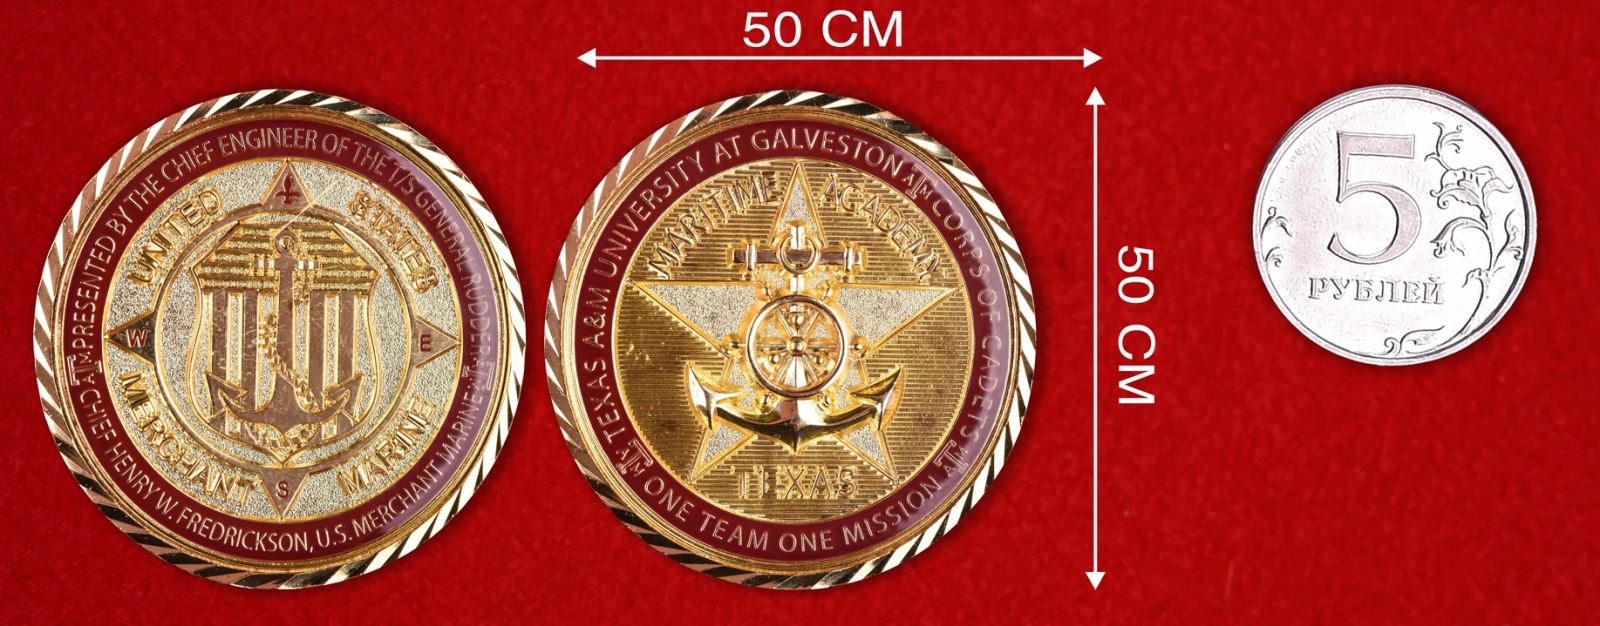 """Почетный знак торгового флота США """"Морская академия в Техасе"""""""